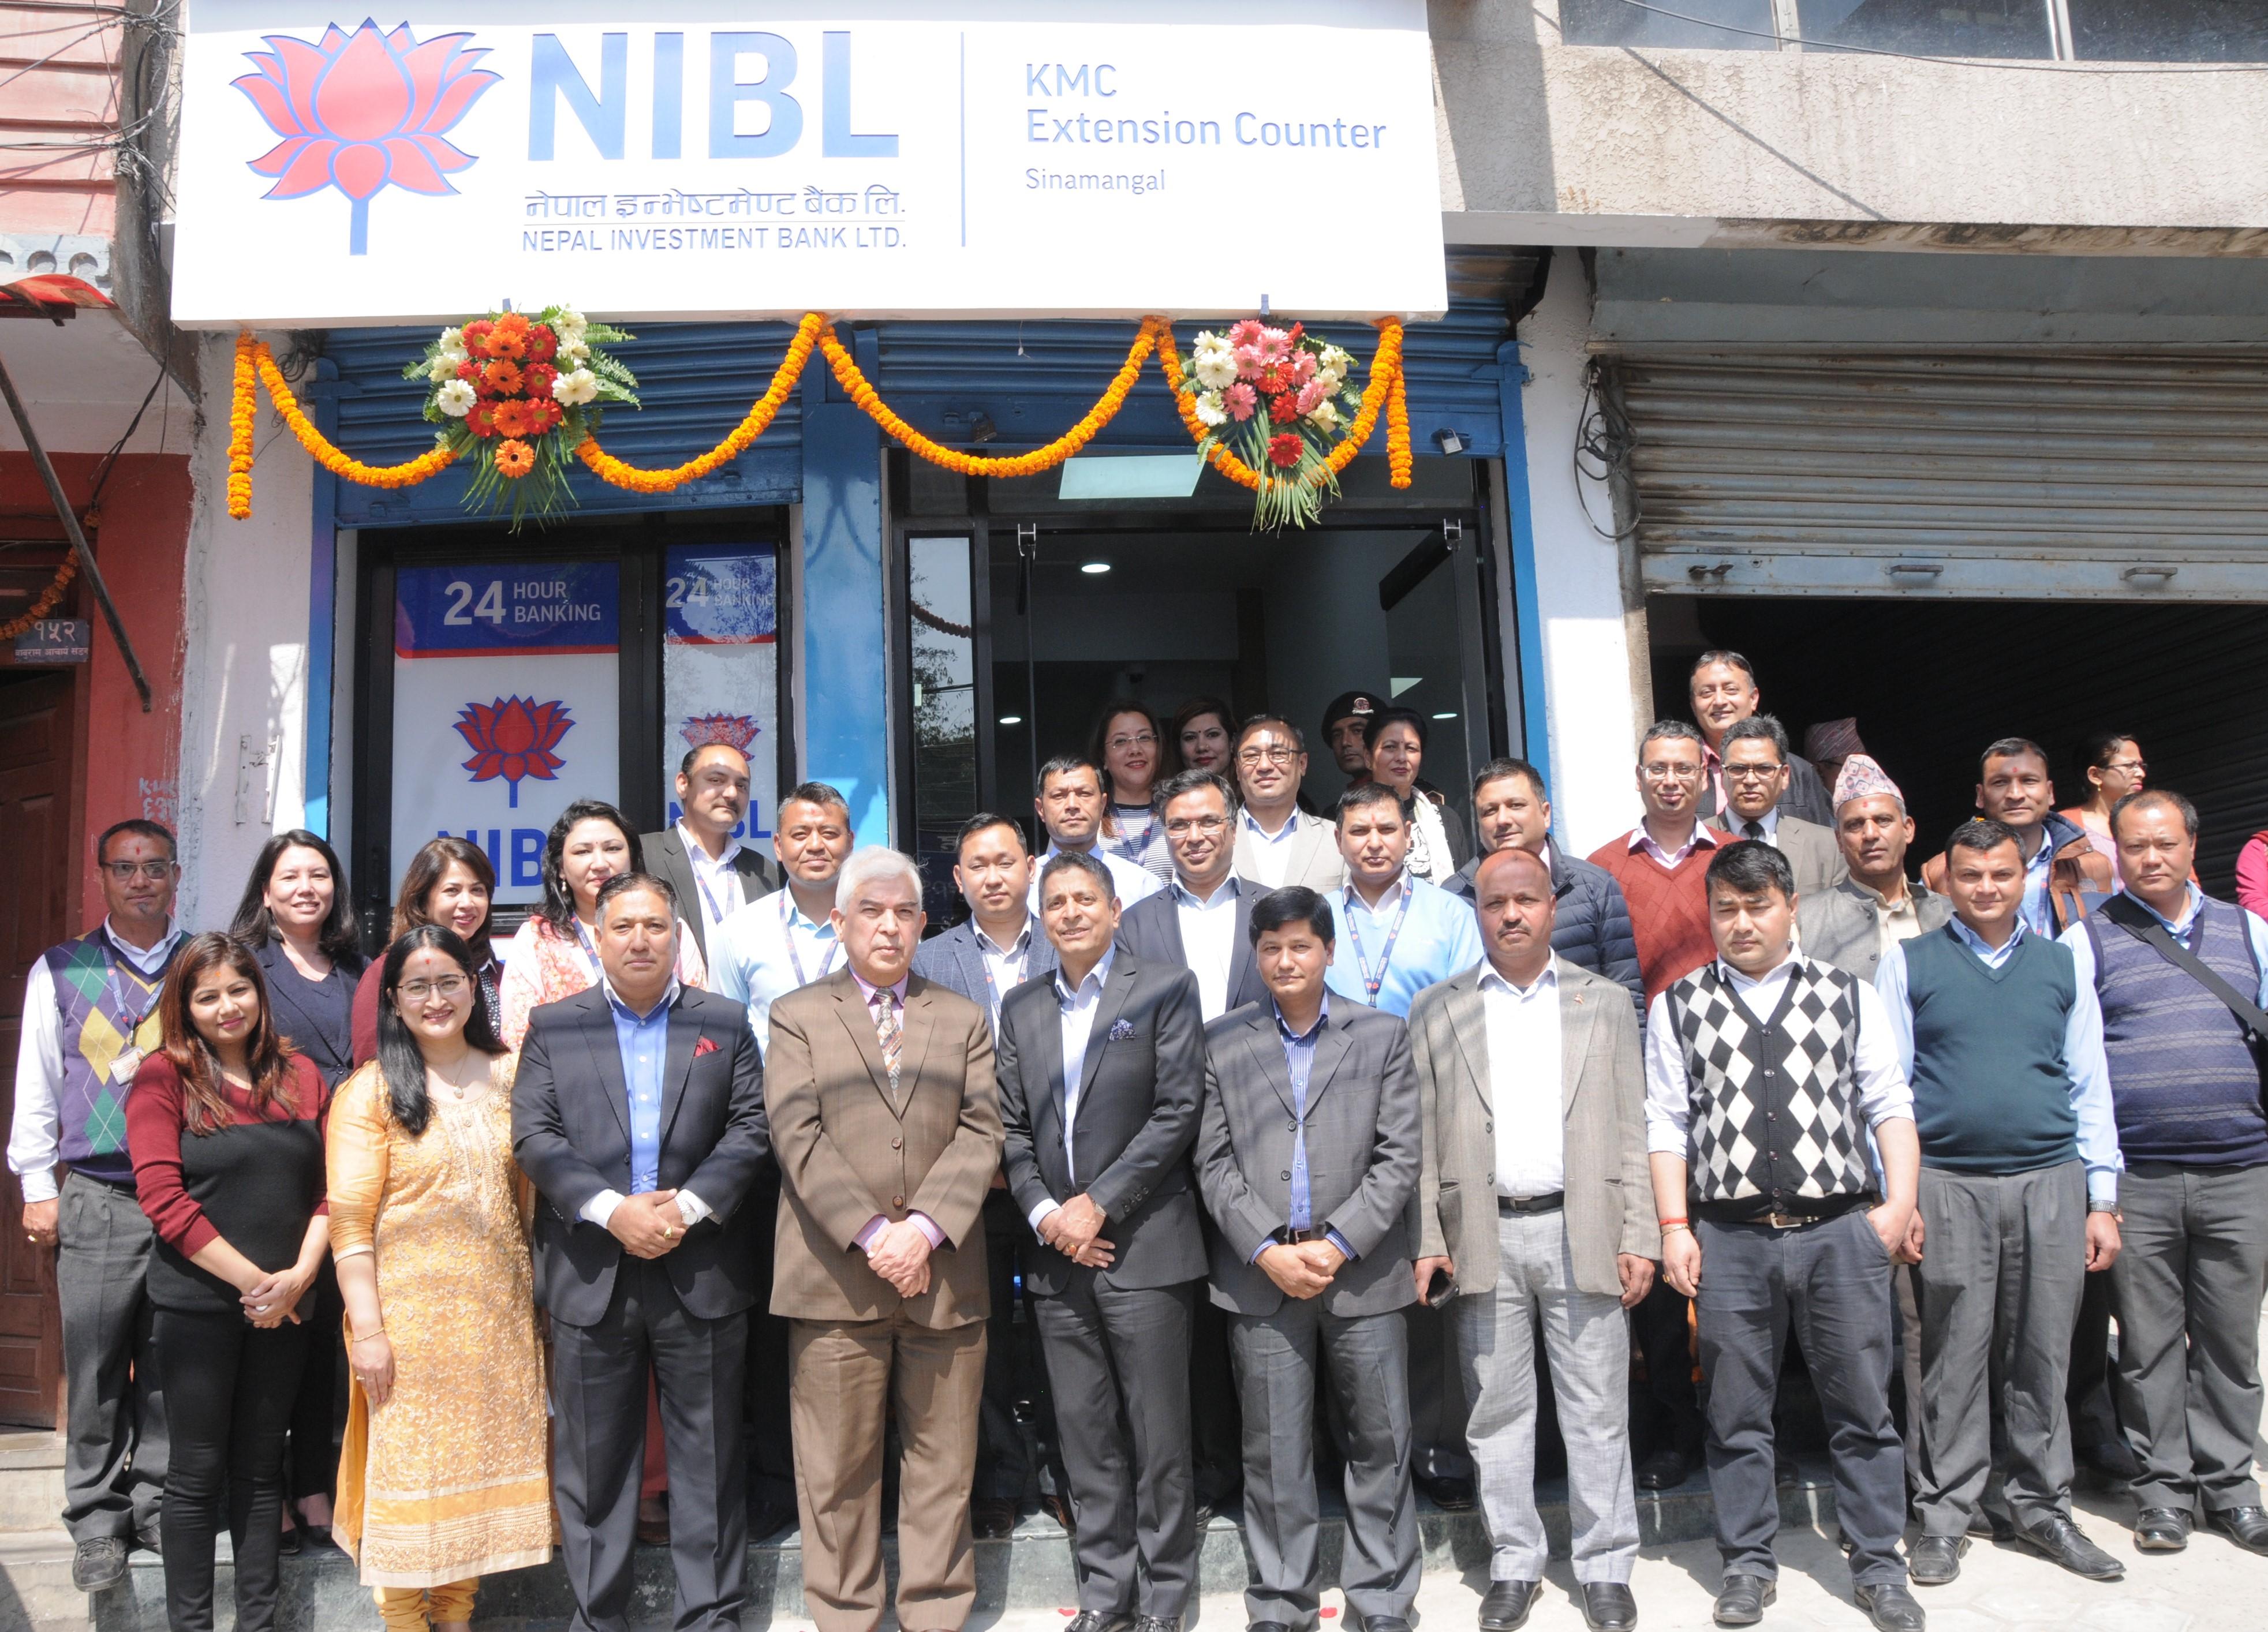 काठमाडौं मेडिकल कलेजमा इन्भेष्टमेण्ट बैंकको काउन्टर र एटीएम